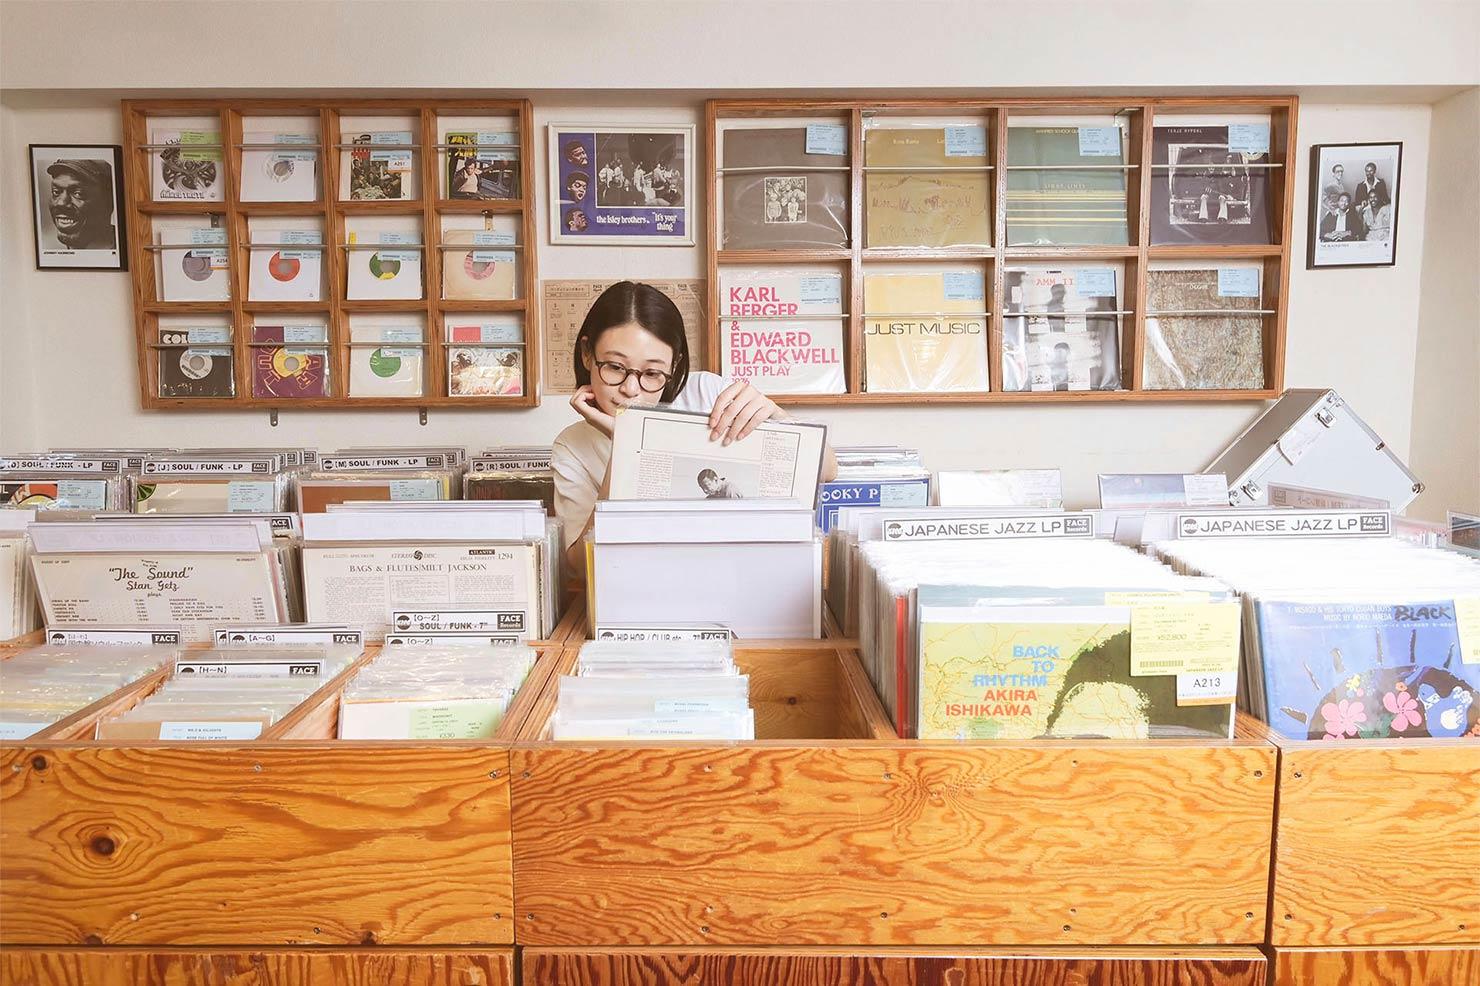 miuさん、今日はどんなレコードを選ぶのだろうか